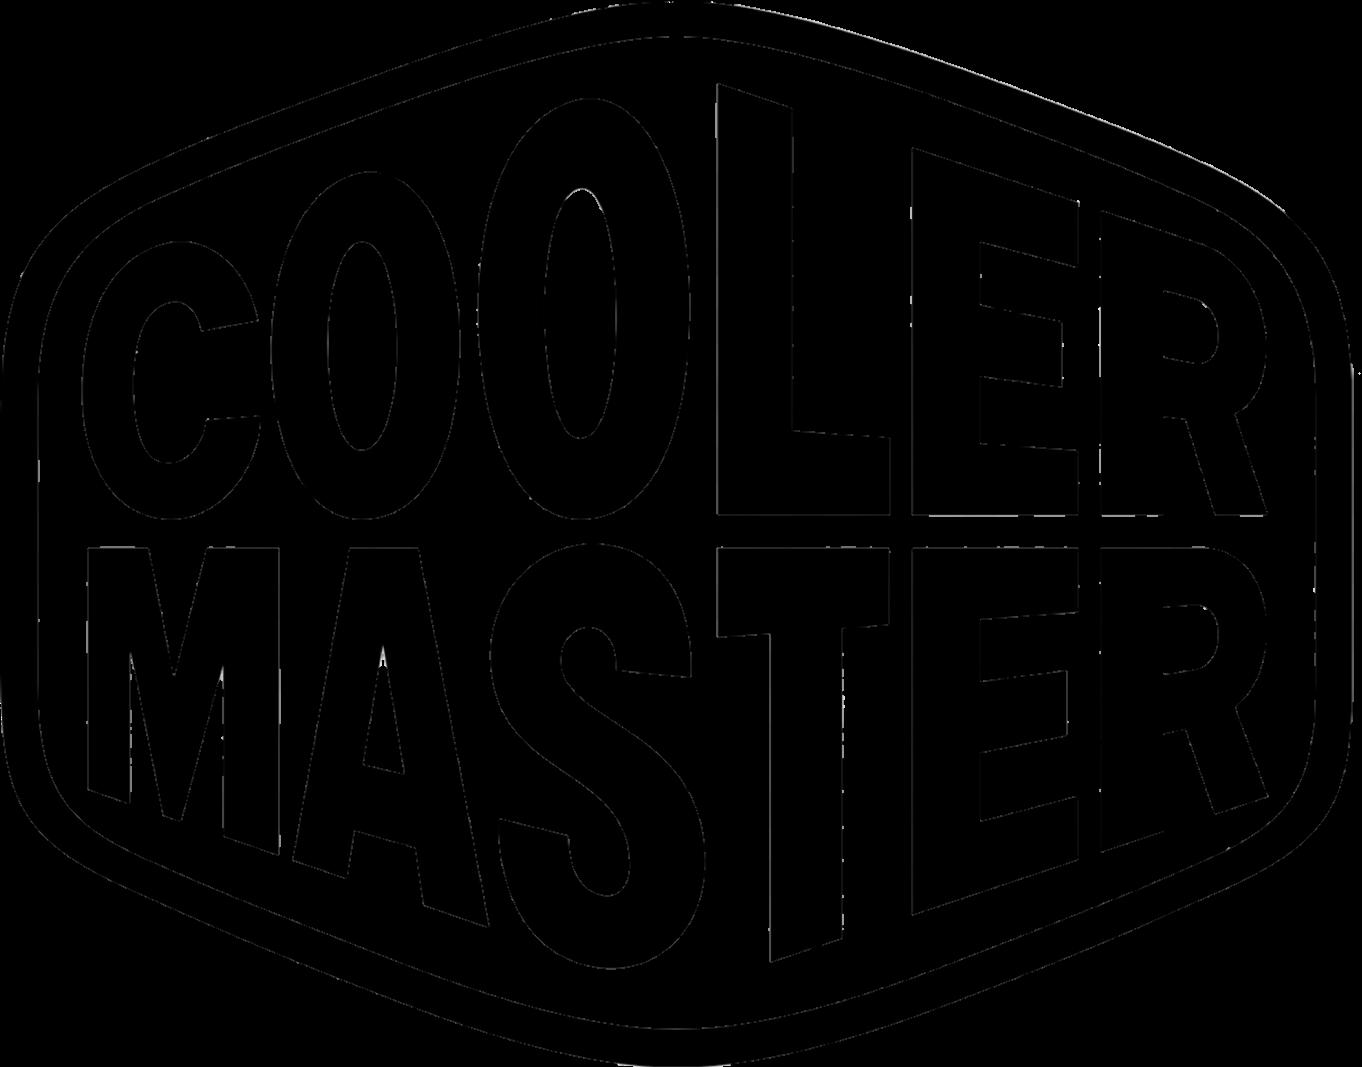 كولر ماستر | Cooler Master